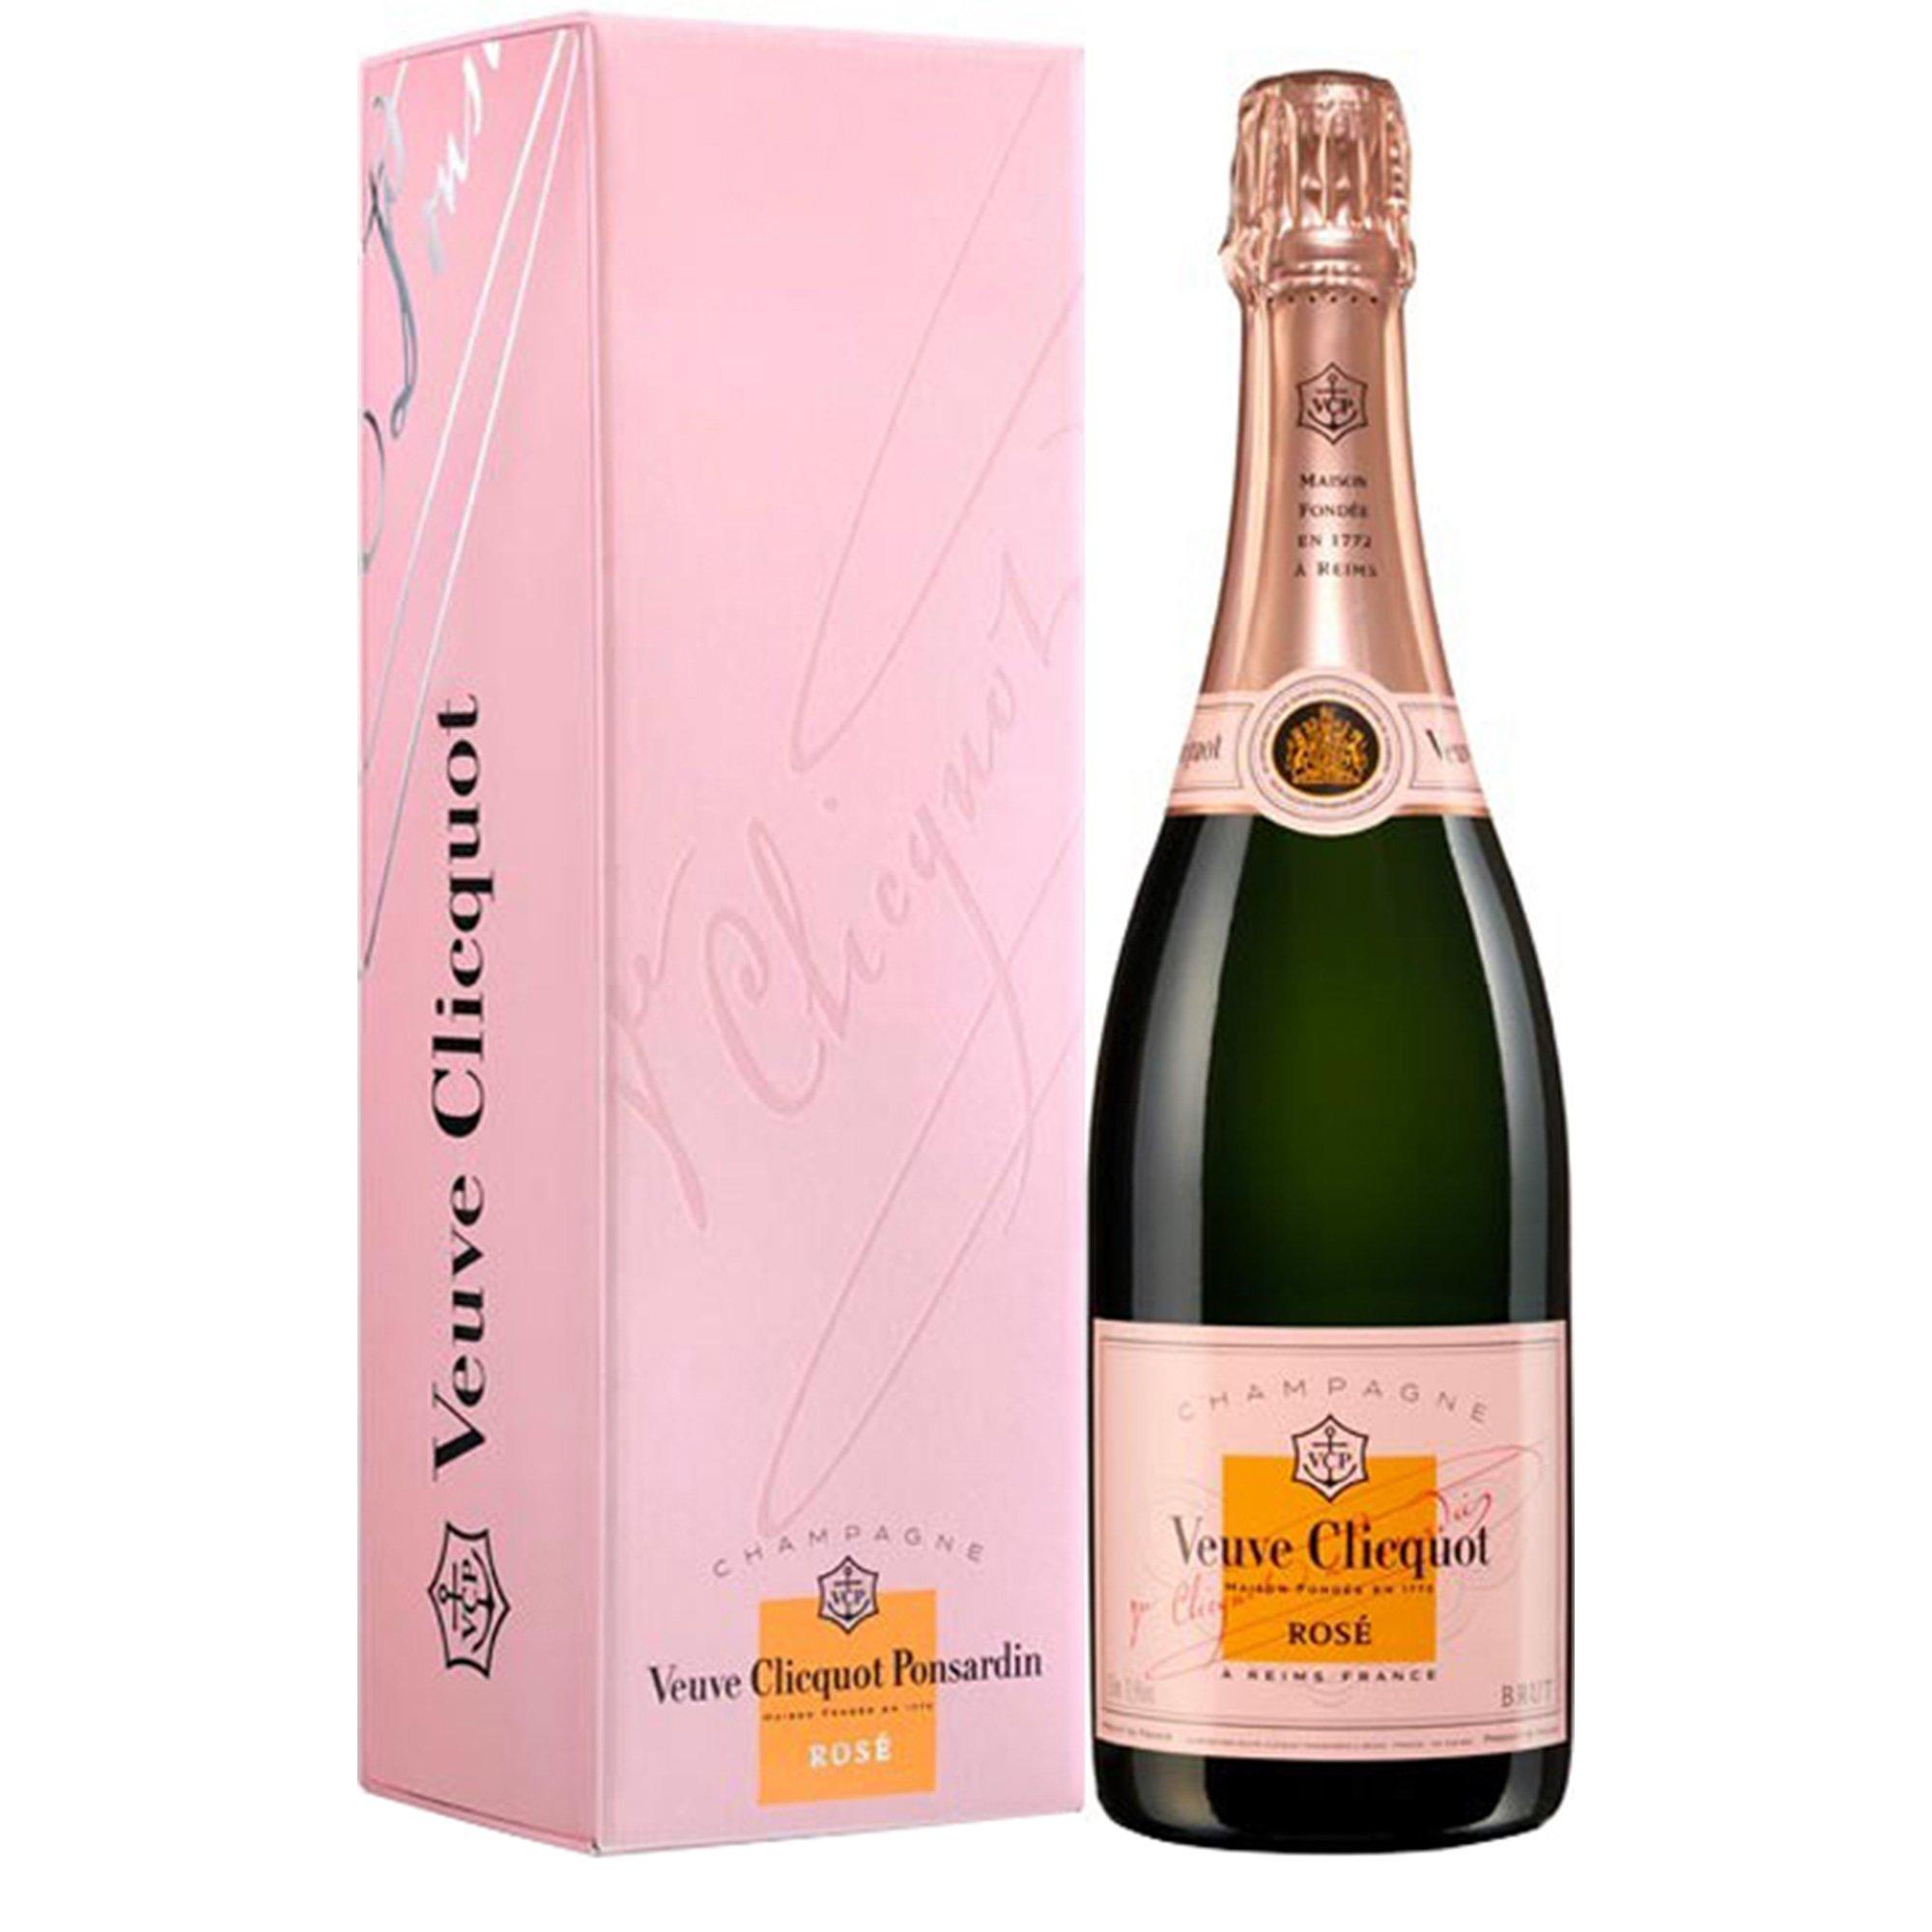 Champagne Veuve Clicquot Rosé bouteille avec étui - Champmarket